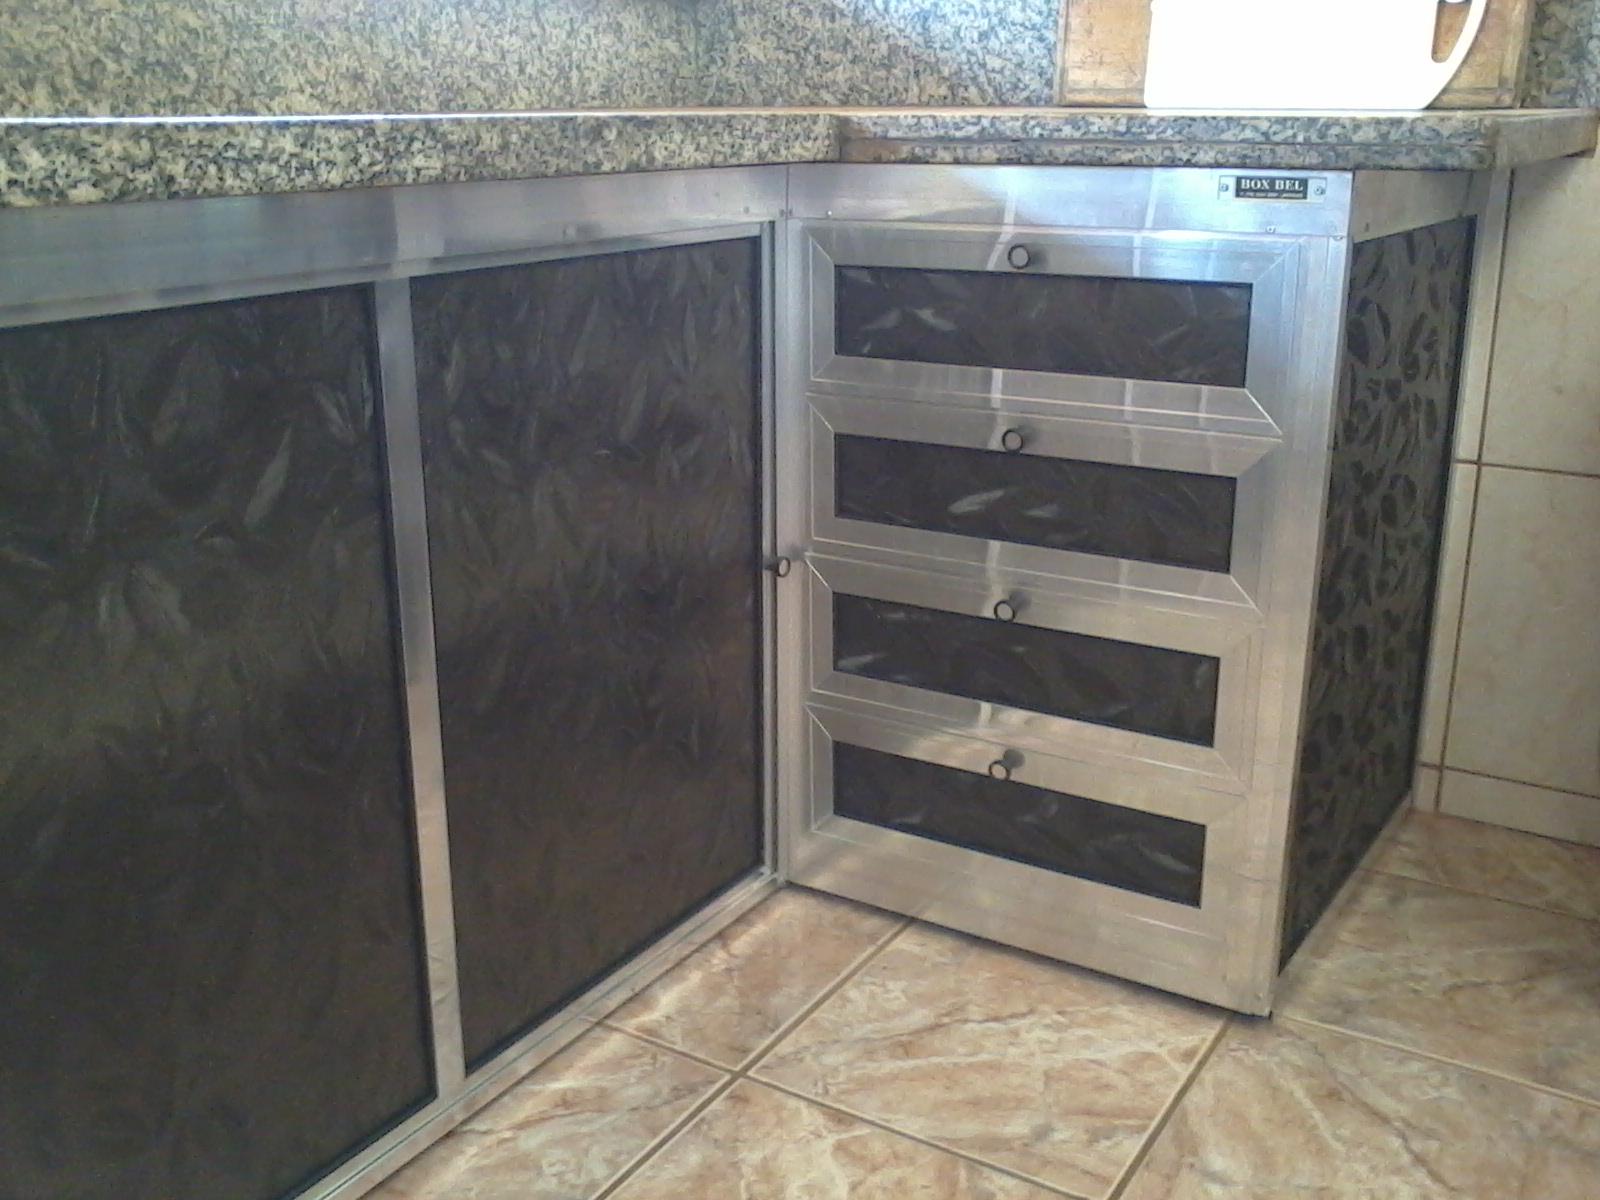 Gabinete em acrílico e alumínio